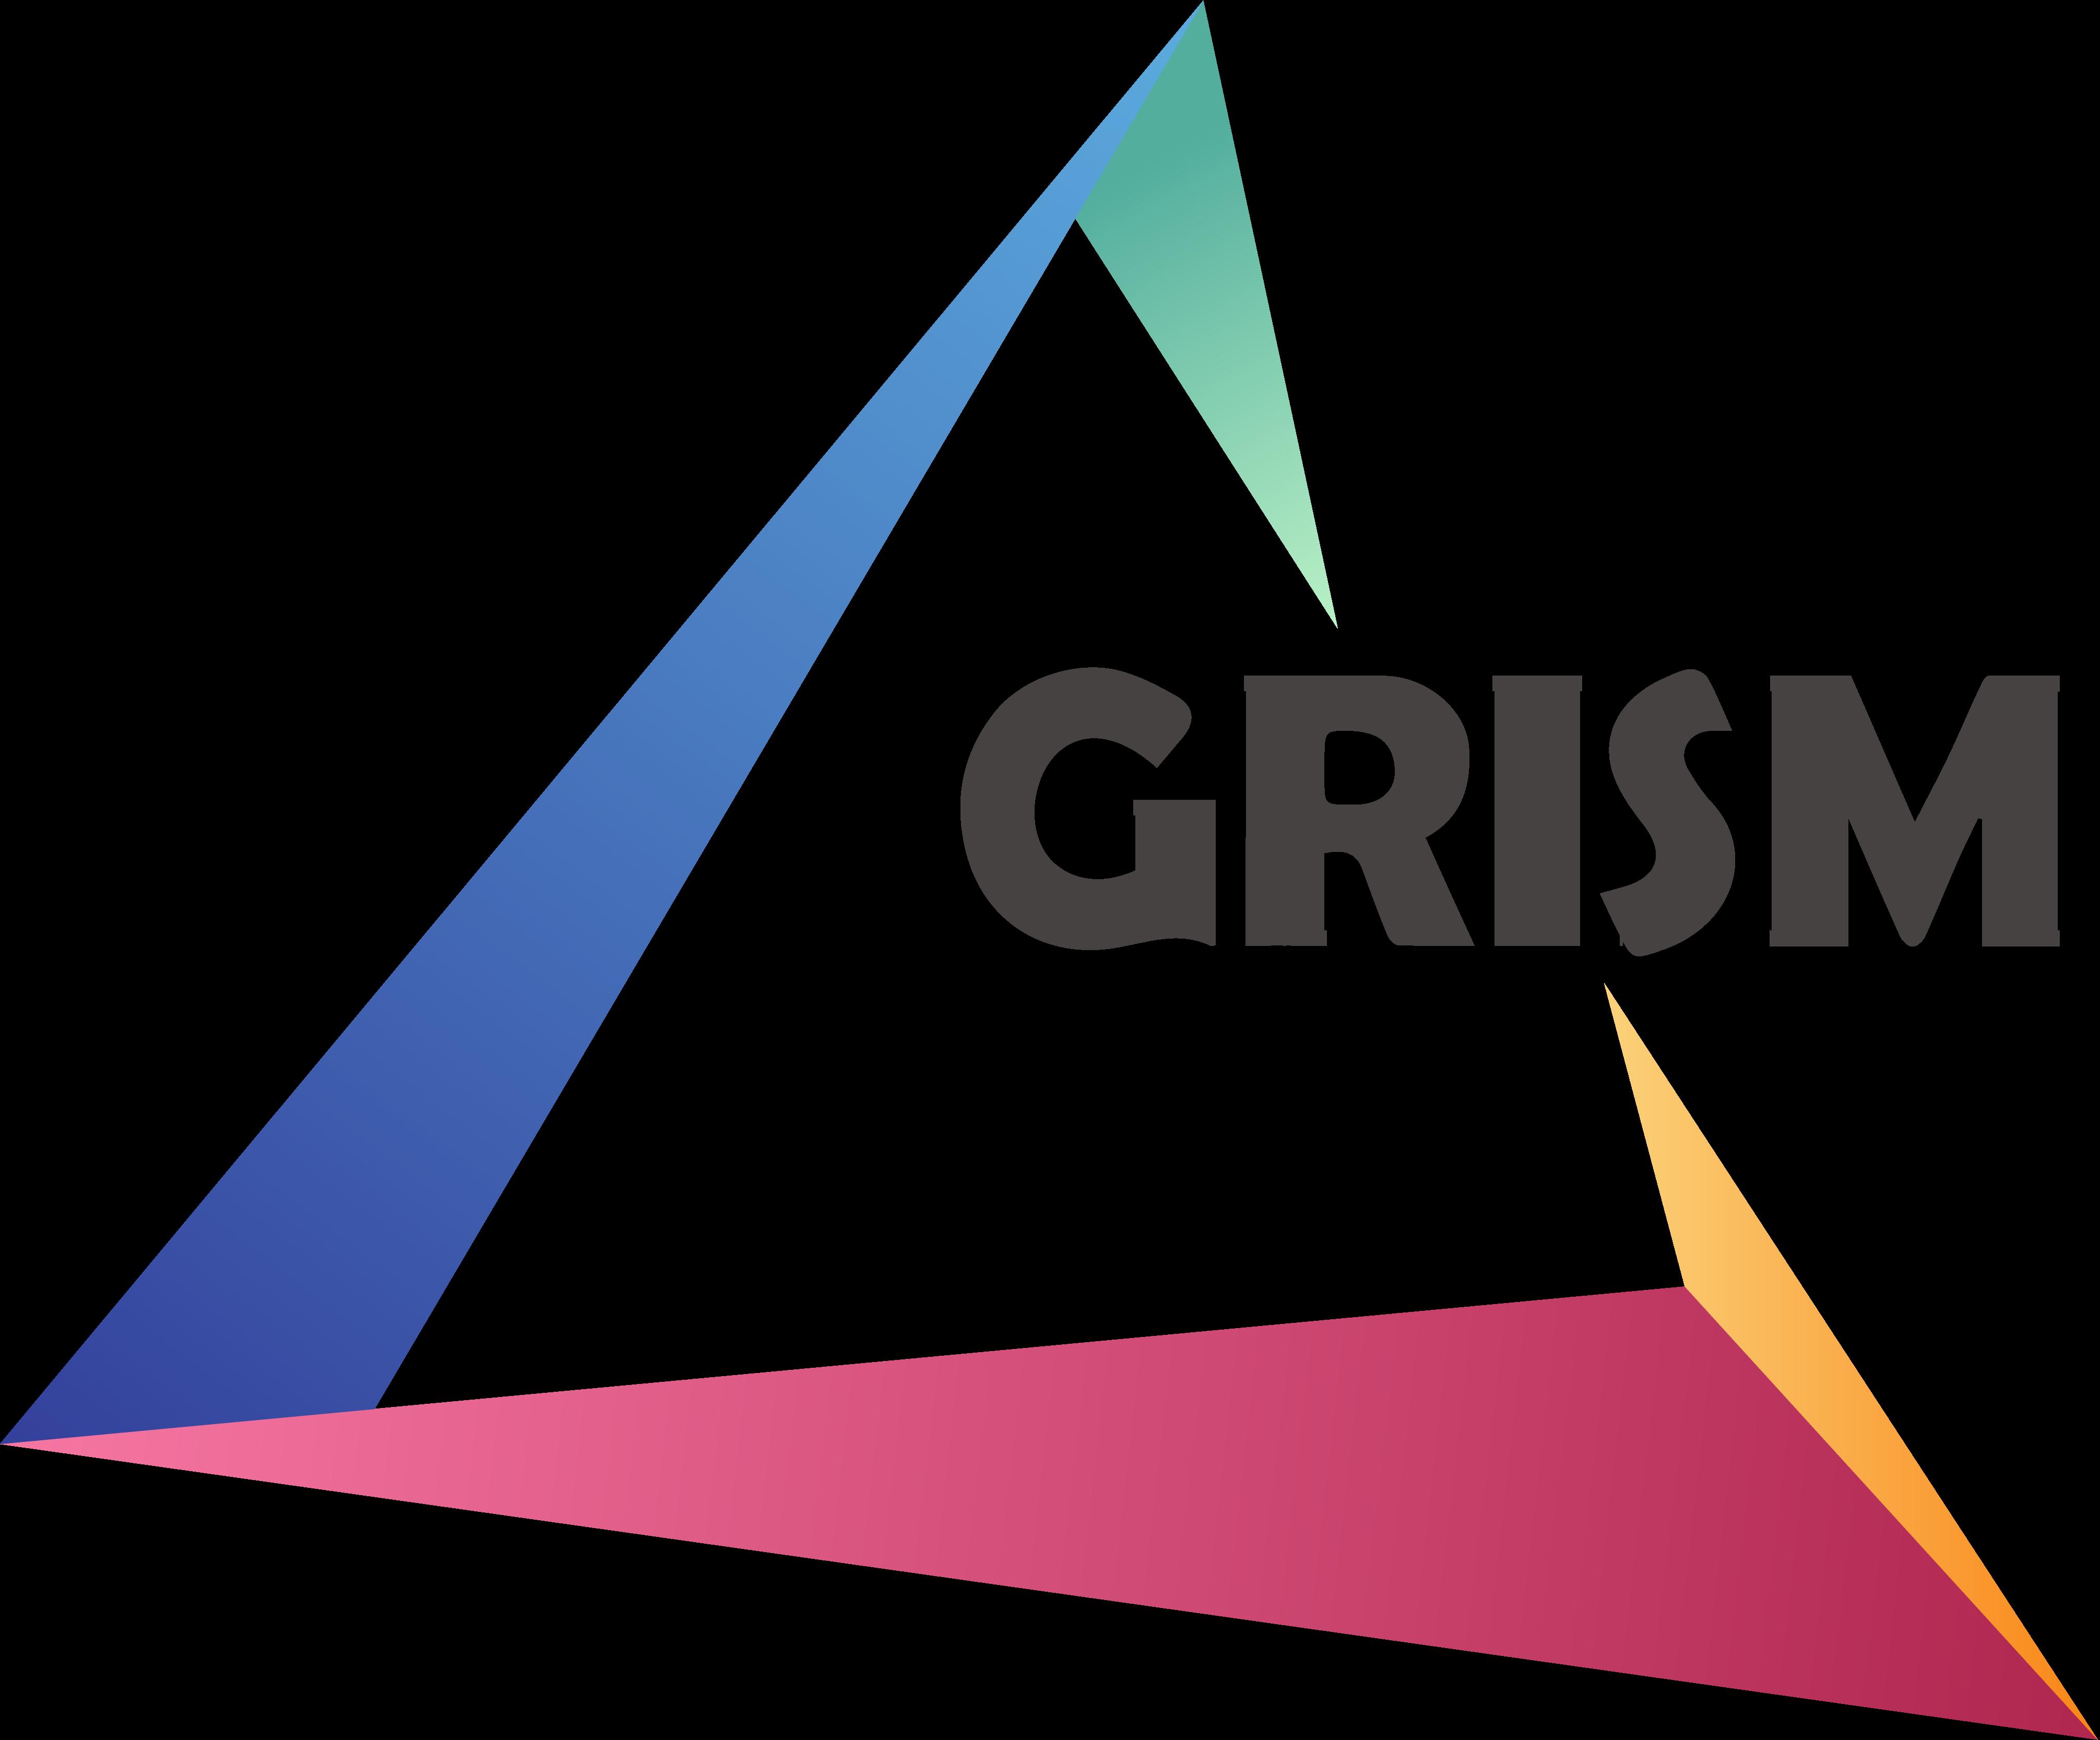 Grism